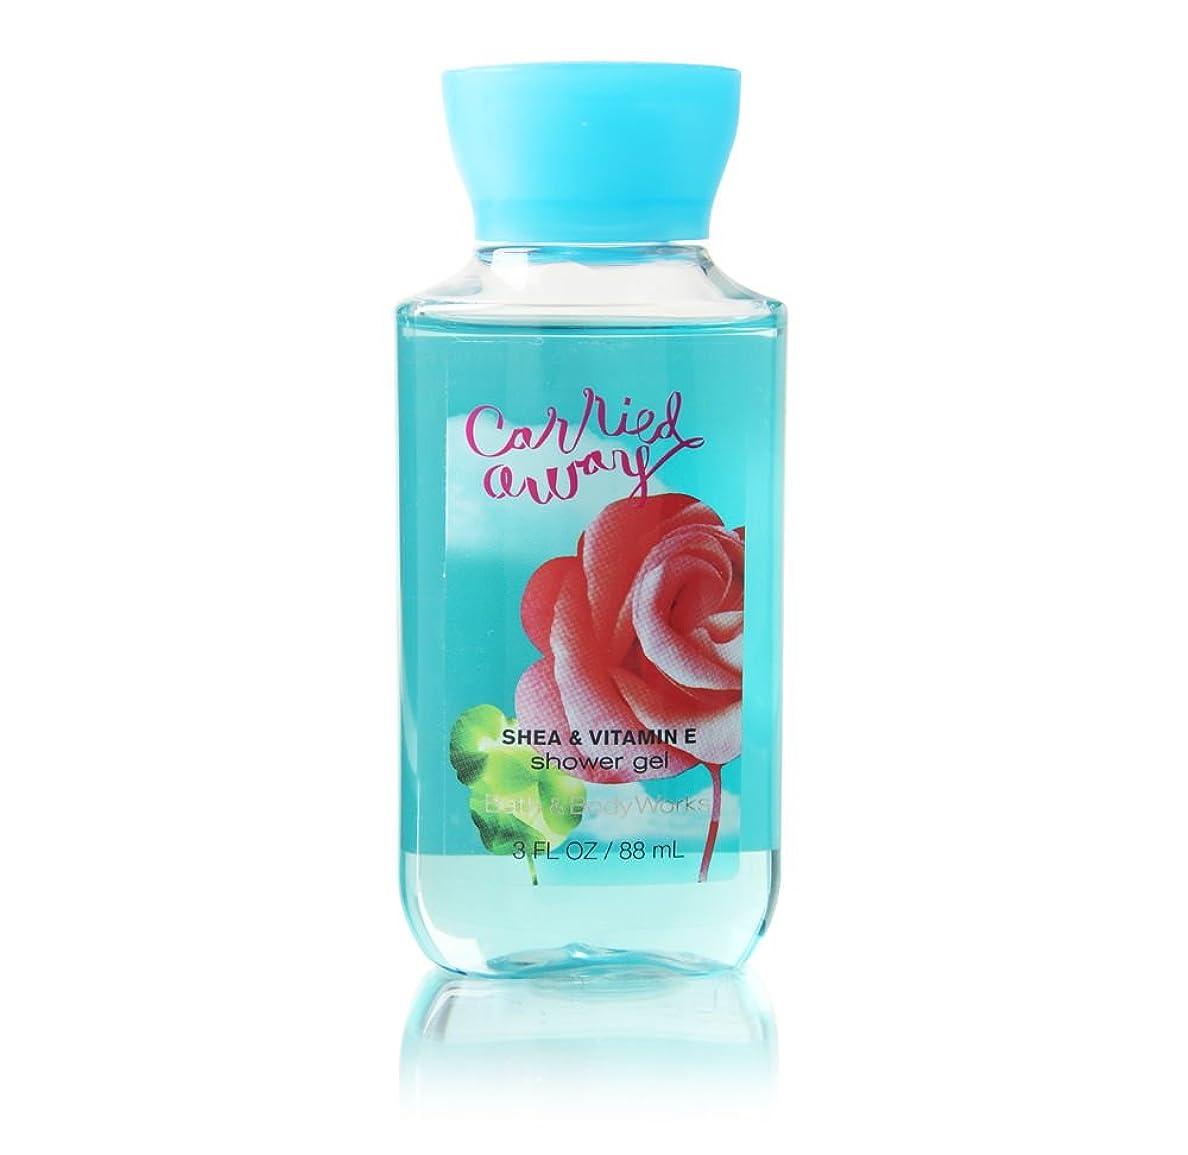 ポーン役割背骨Bath & Body Works (バス&ボディワークス) キャリードアウェイ シャワージェル トラベルサイズ Carried Away shower gel Travel-Size [並行輸入品]